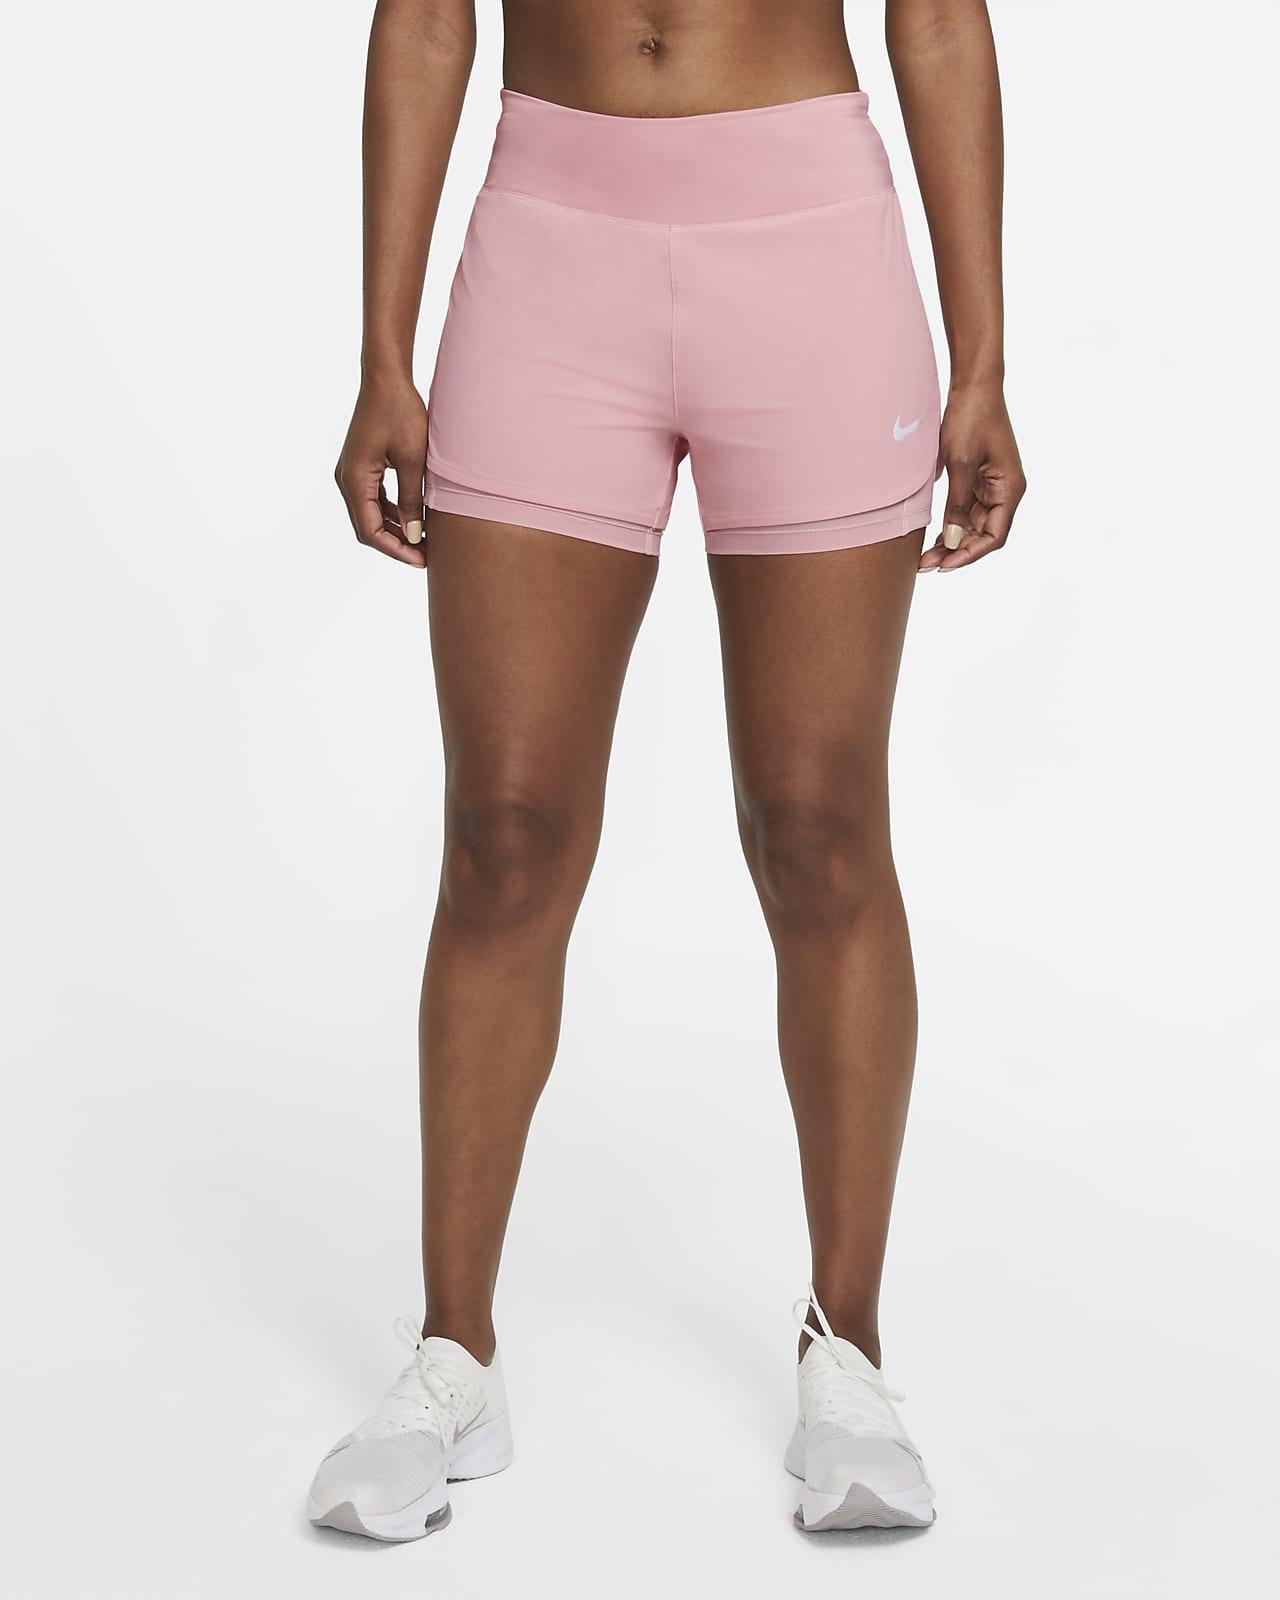 Женские беговые шорты 2 в 1 Nike Eclipse